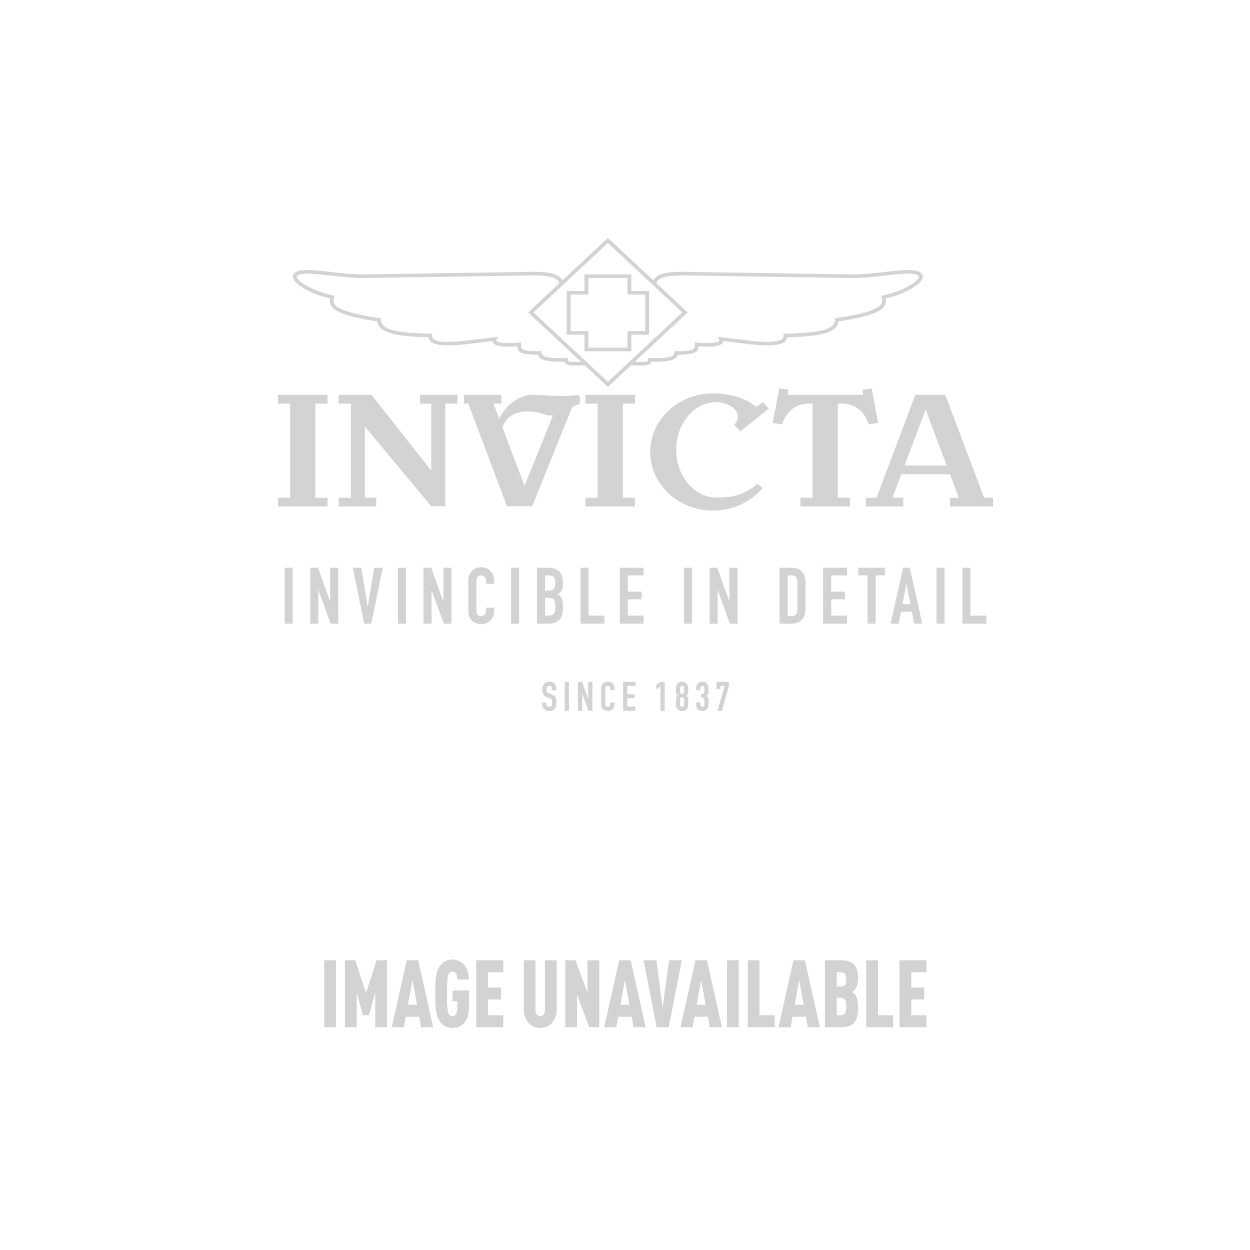 Invicta Model 24856